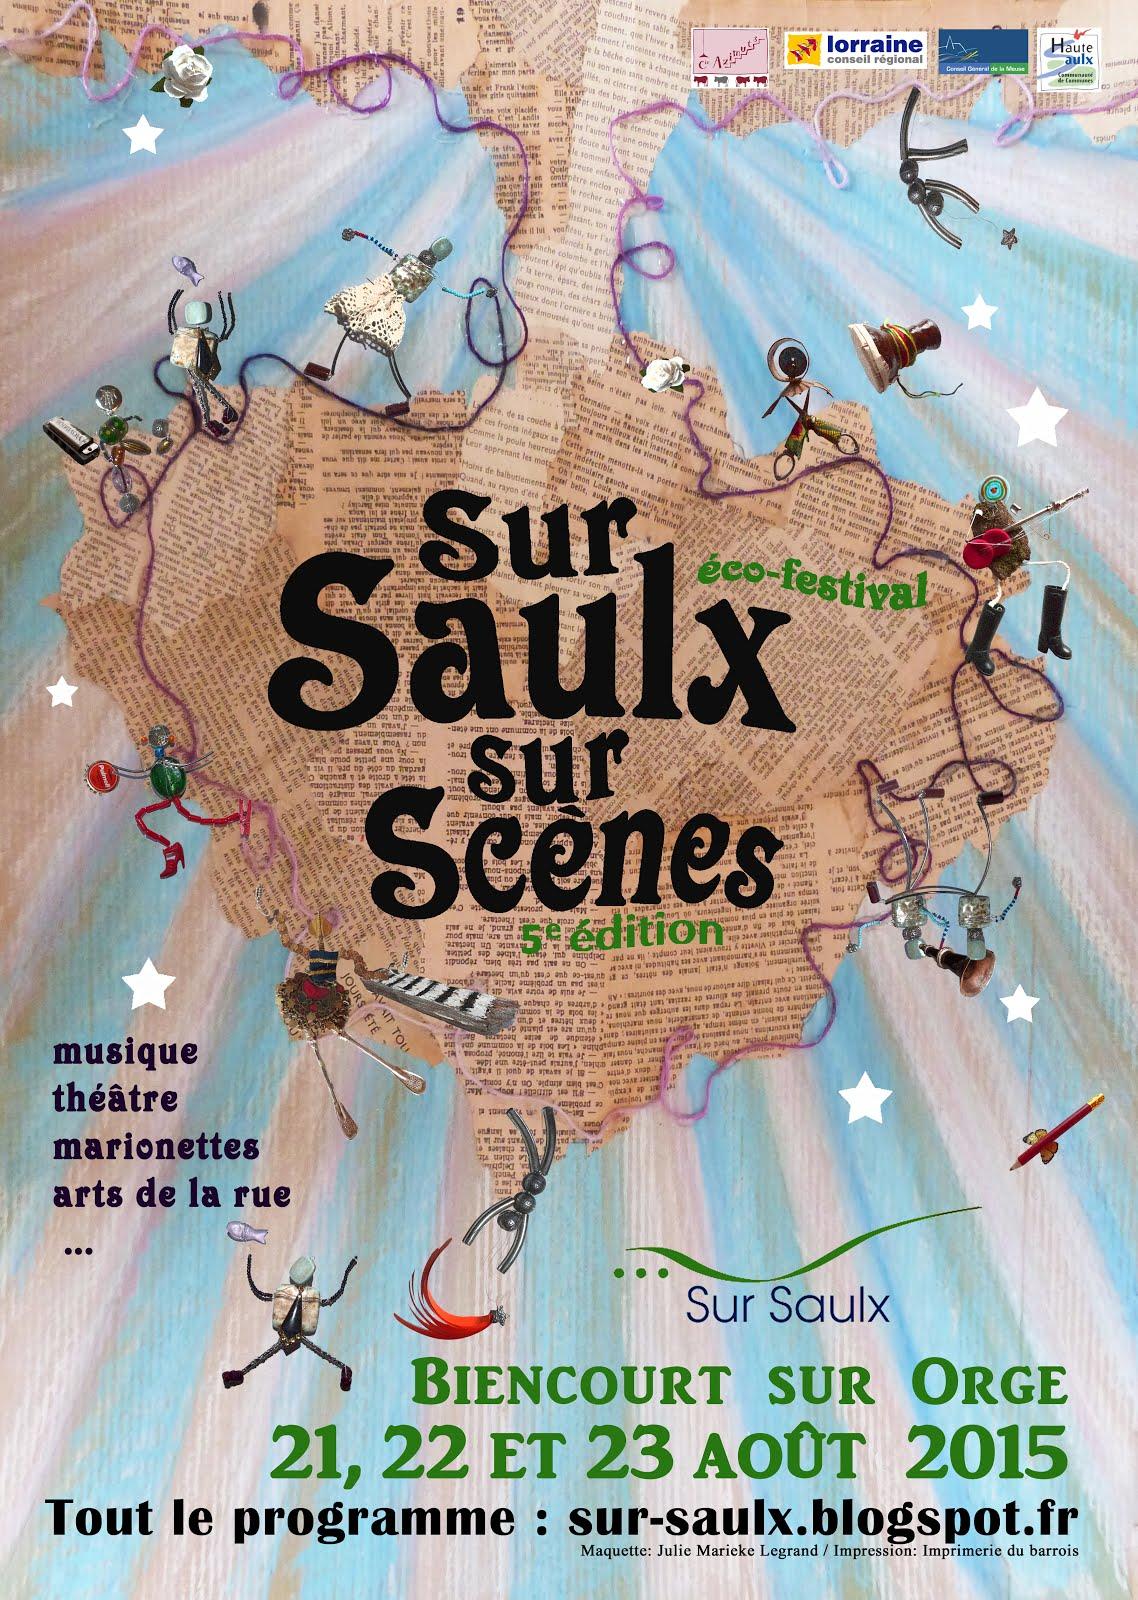 Festival Sur Saulx Sur Scènes 2015